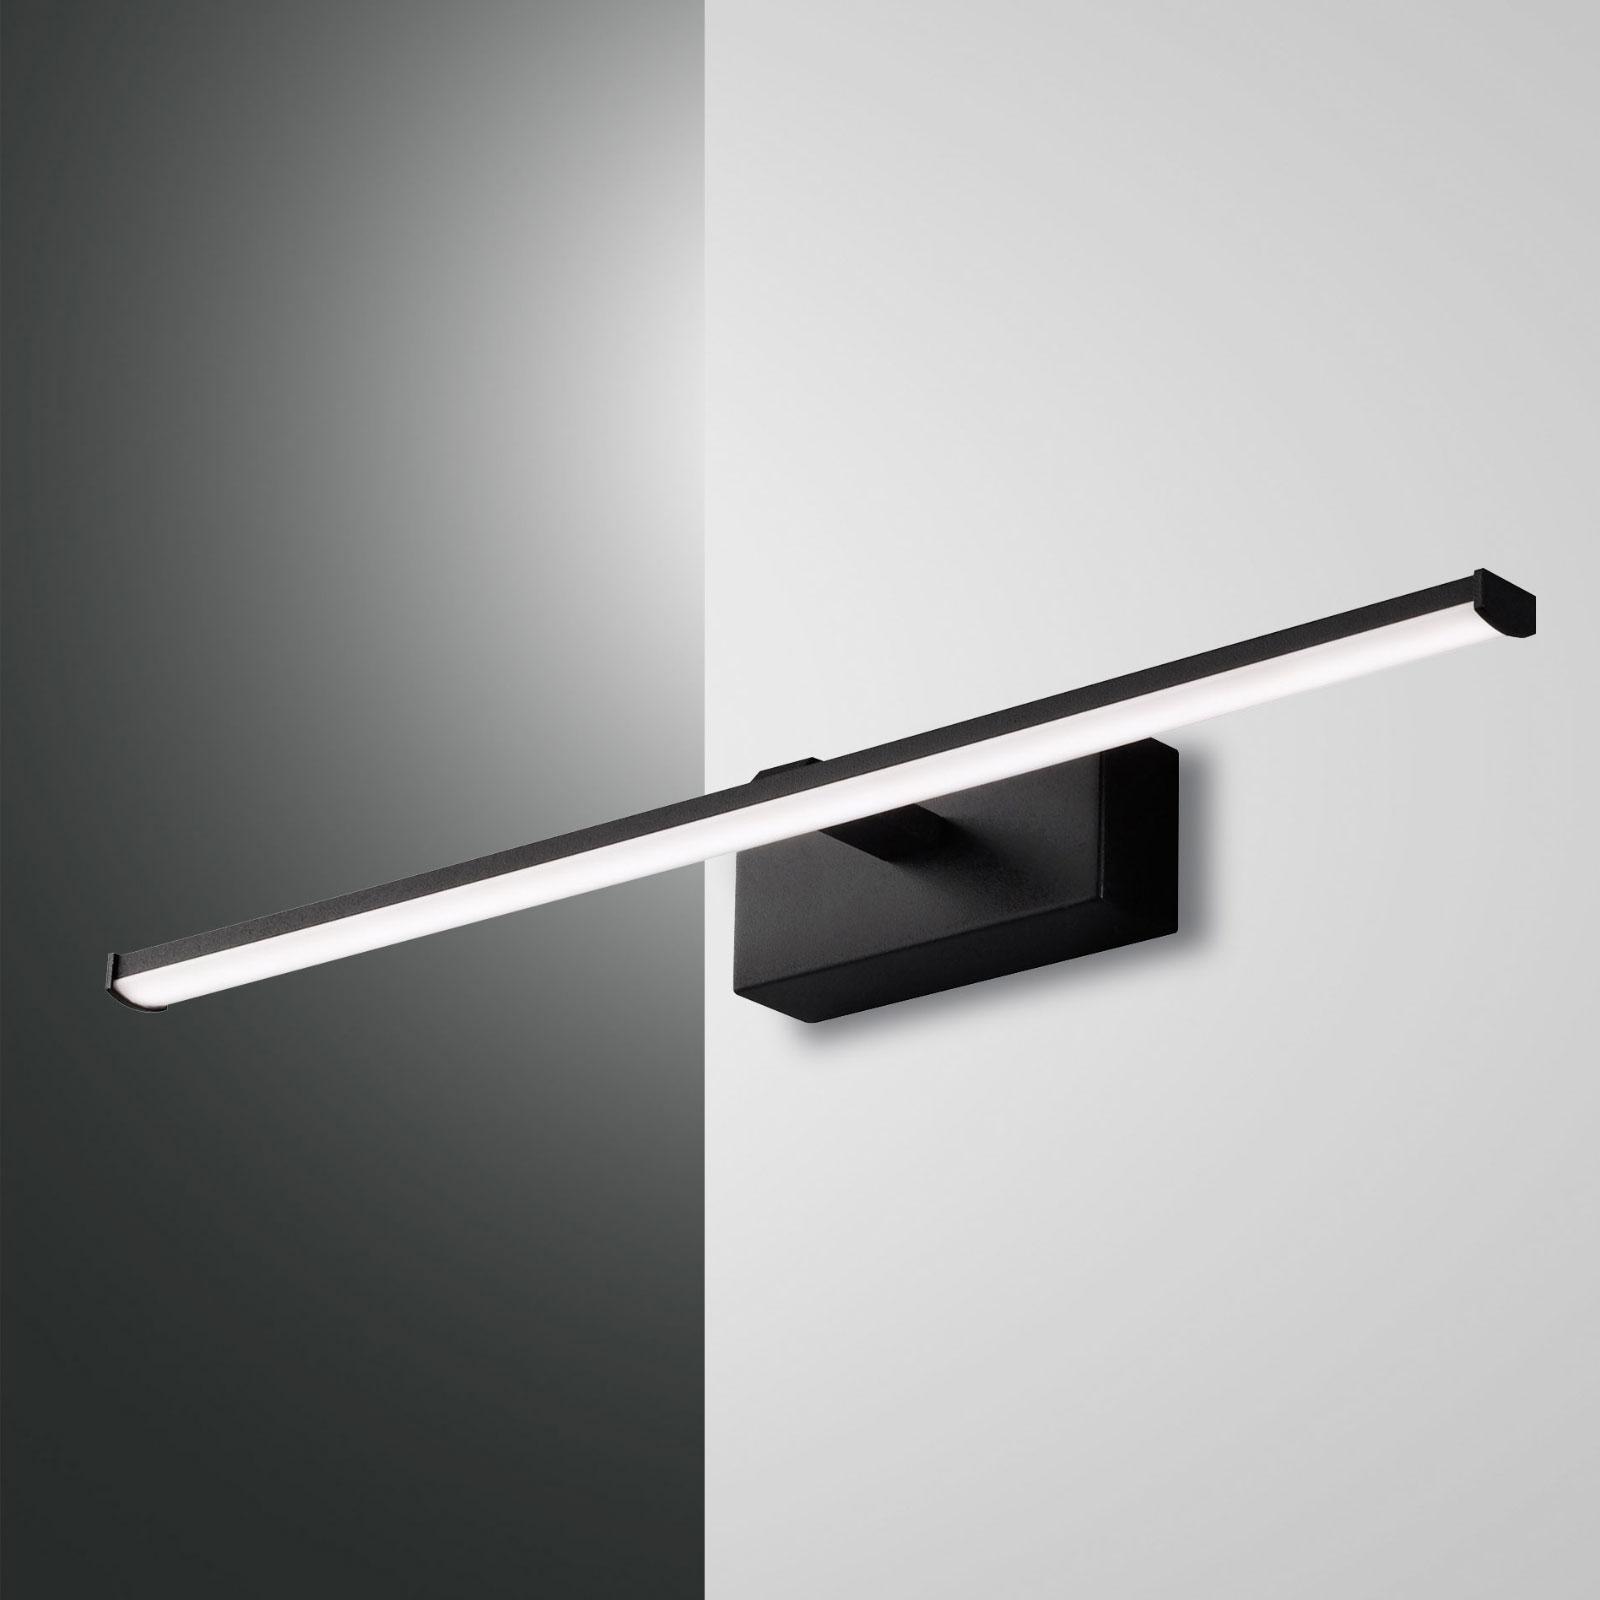 LED-Wandleuchte Nala, schwarz, Breite 50 cm